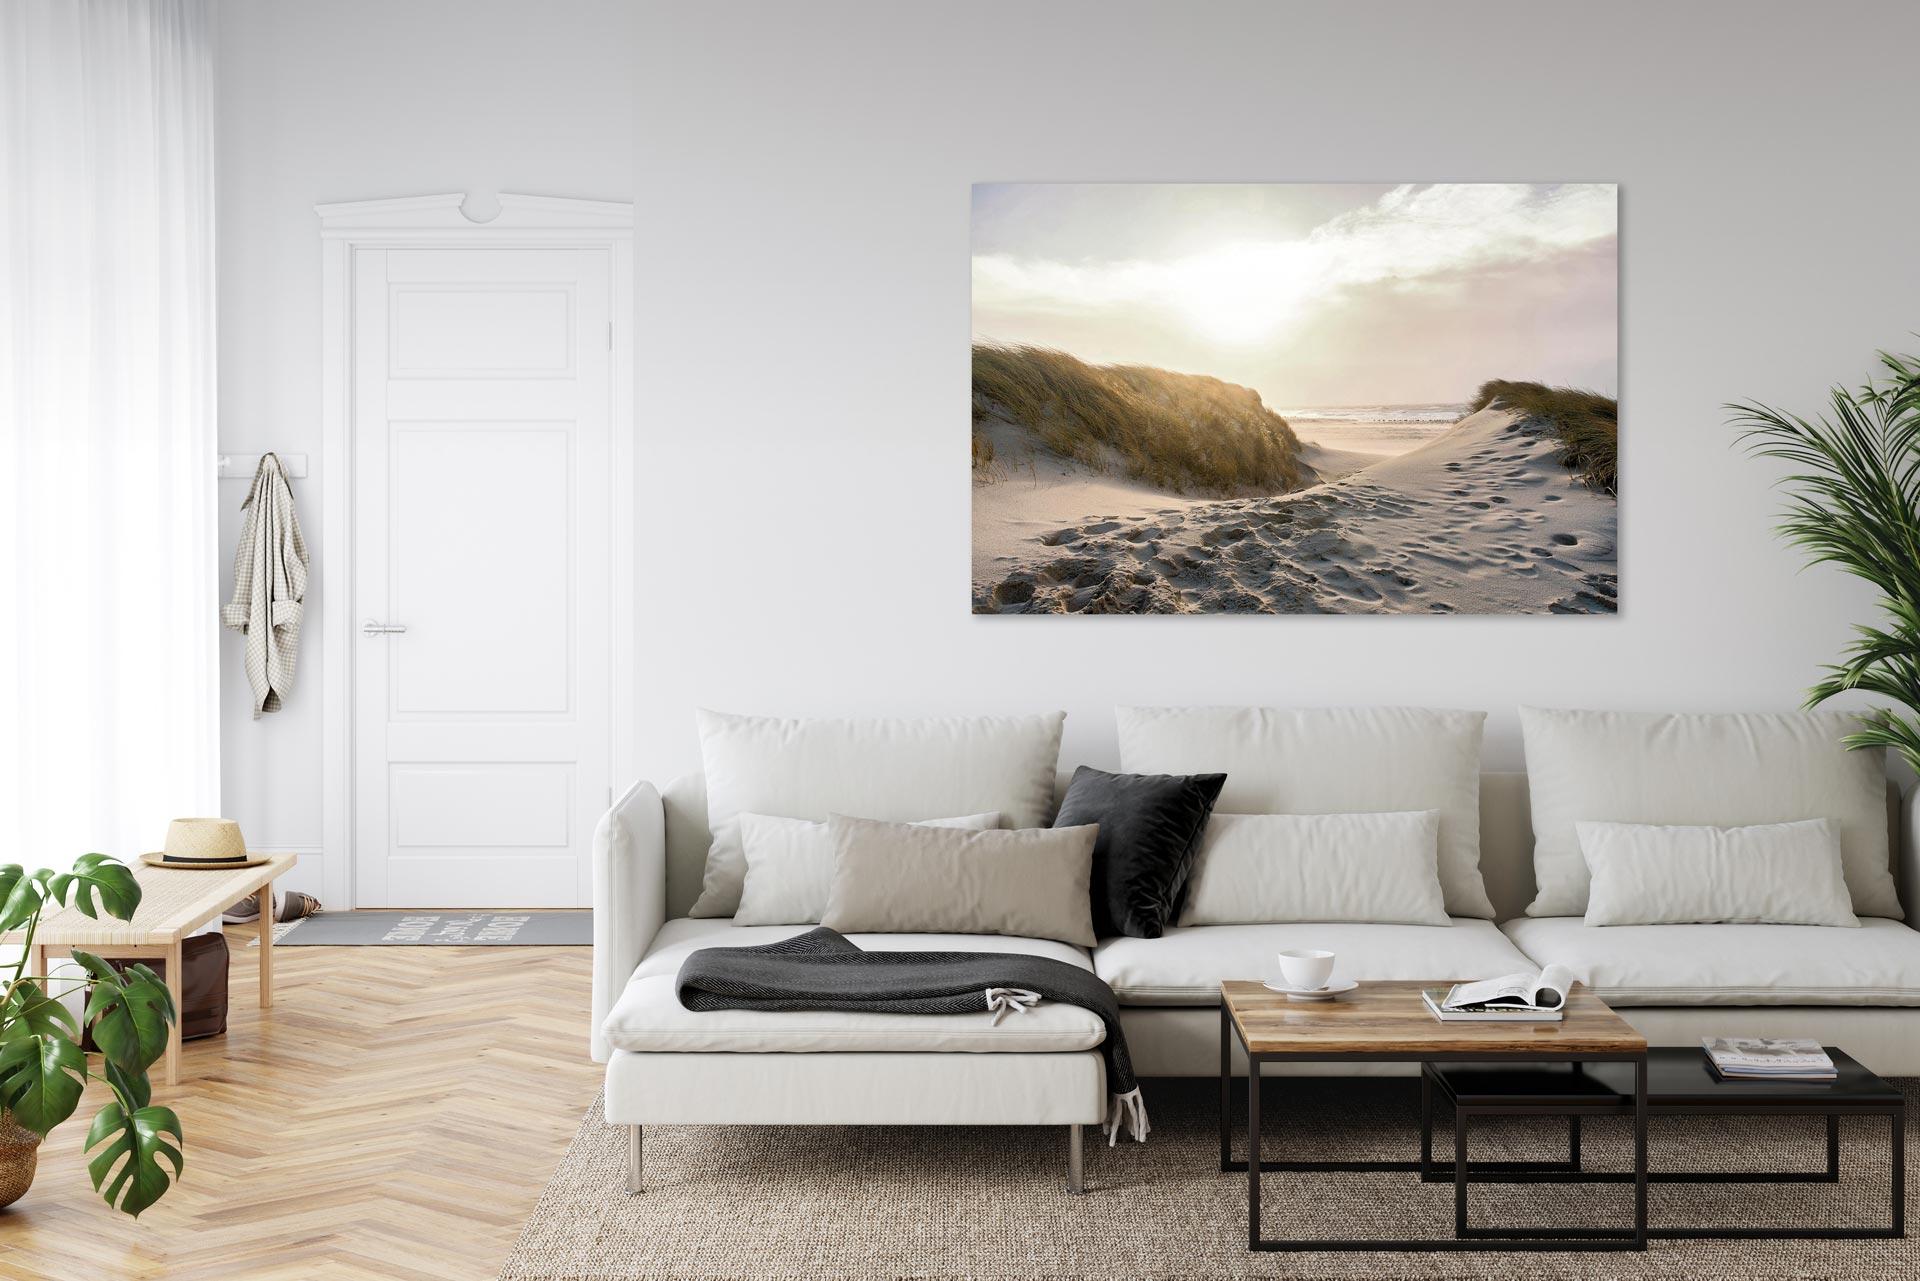 Maritime Landschaften Bild auf Leinwand Dibond Acrylglas Norddeutschland